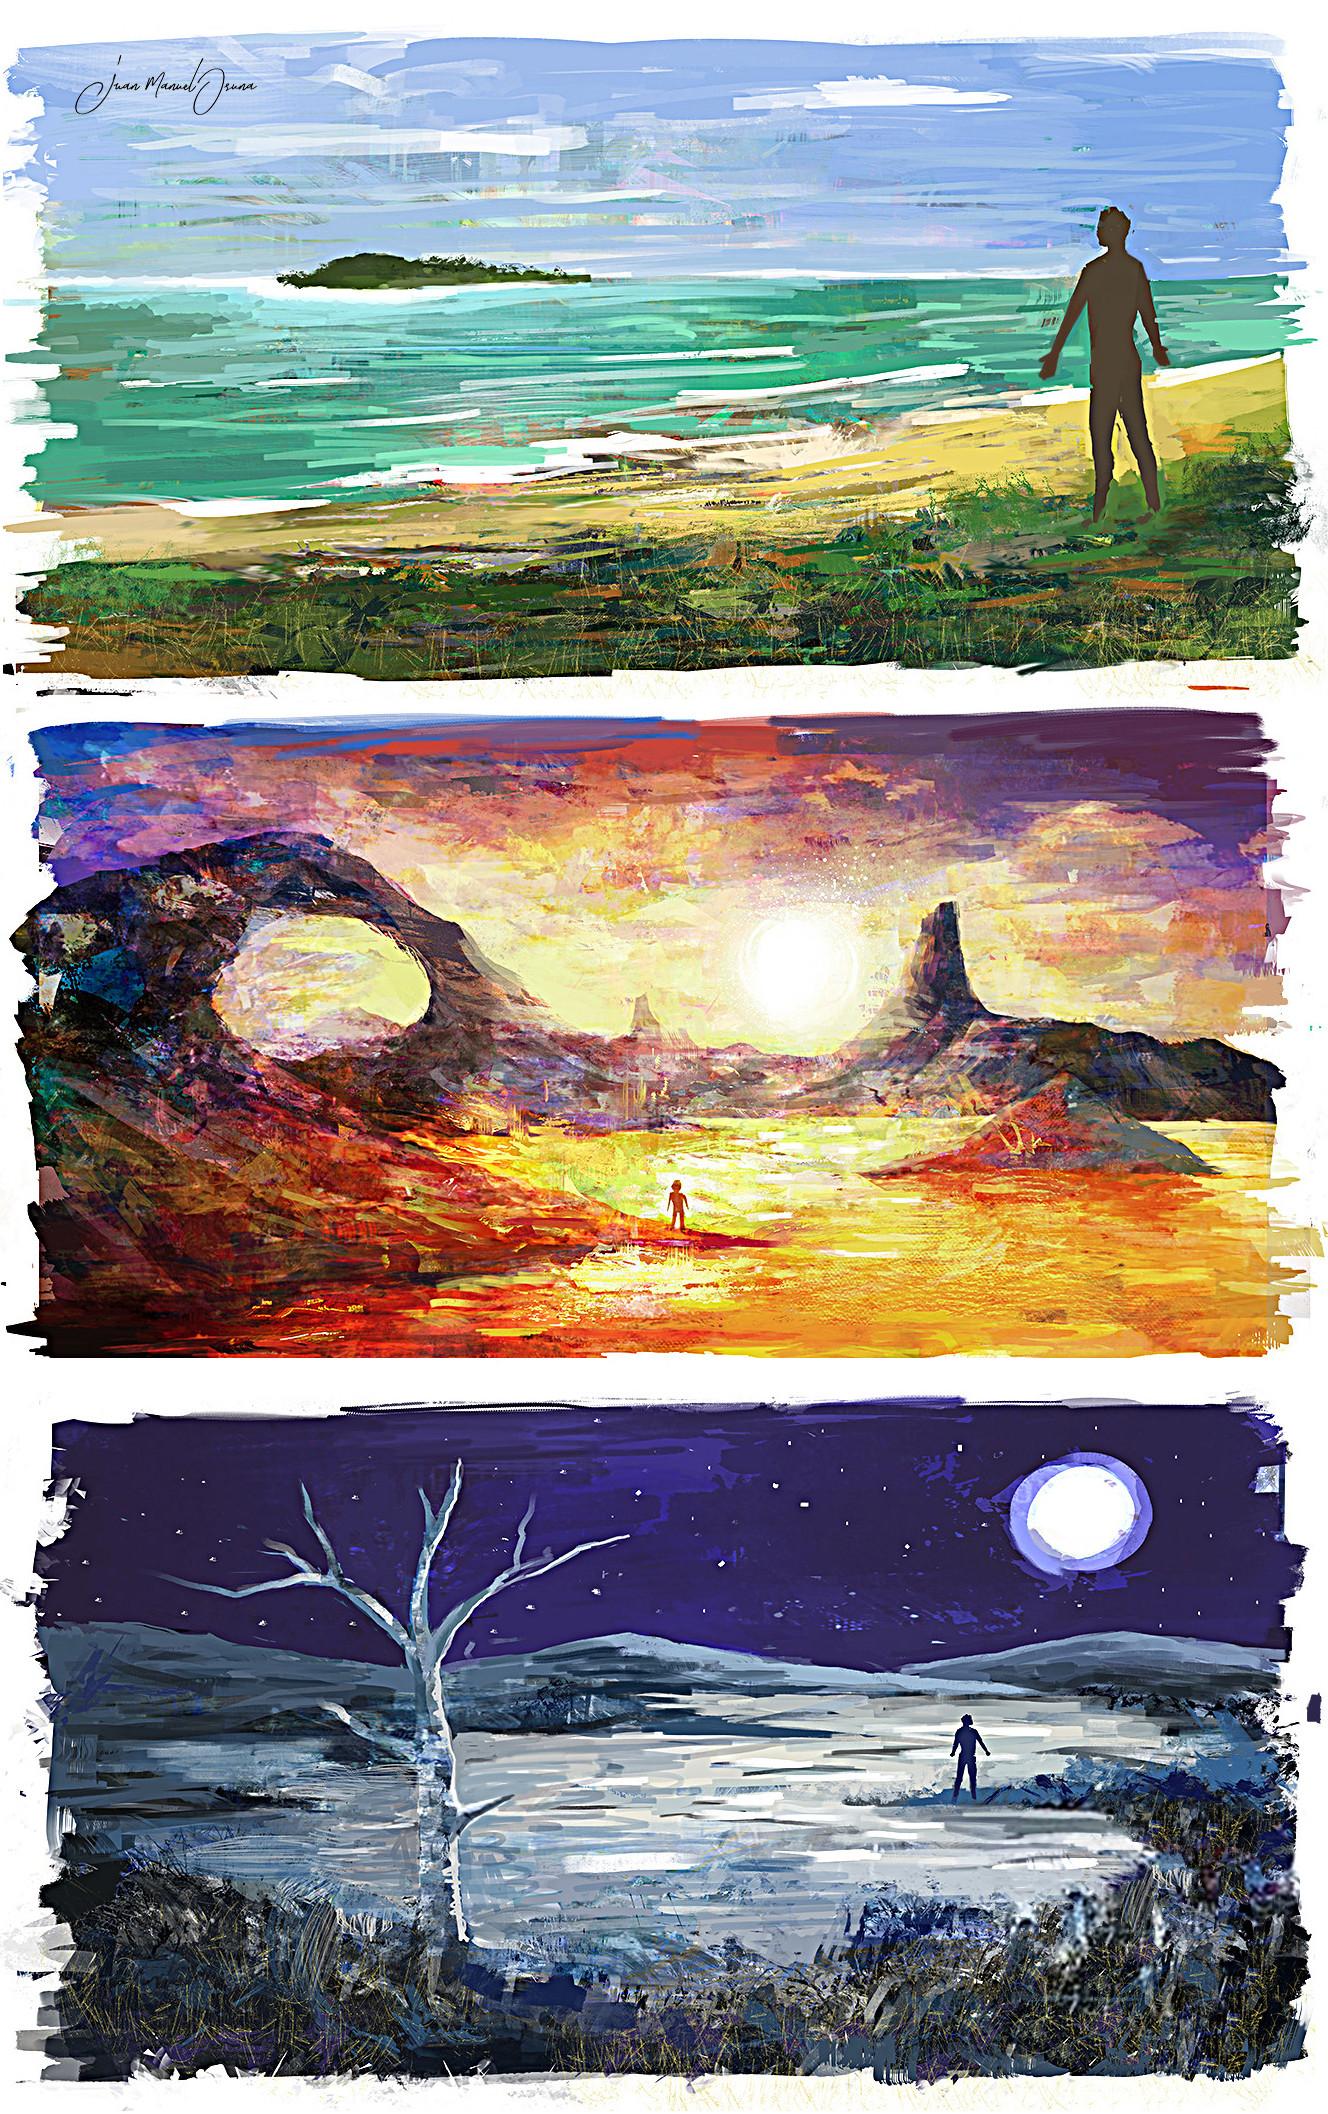 Juan manuel osuna juan manuel osuna paisajes